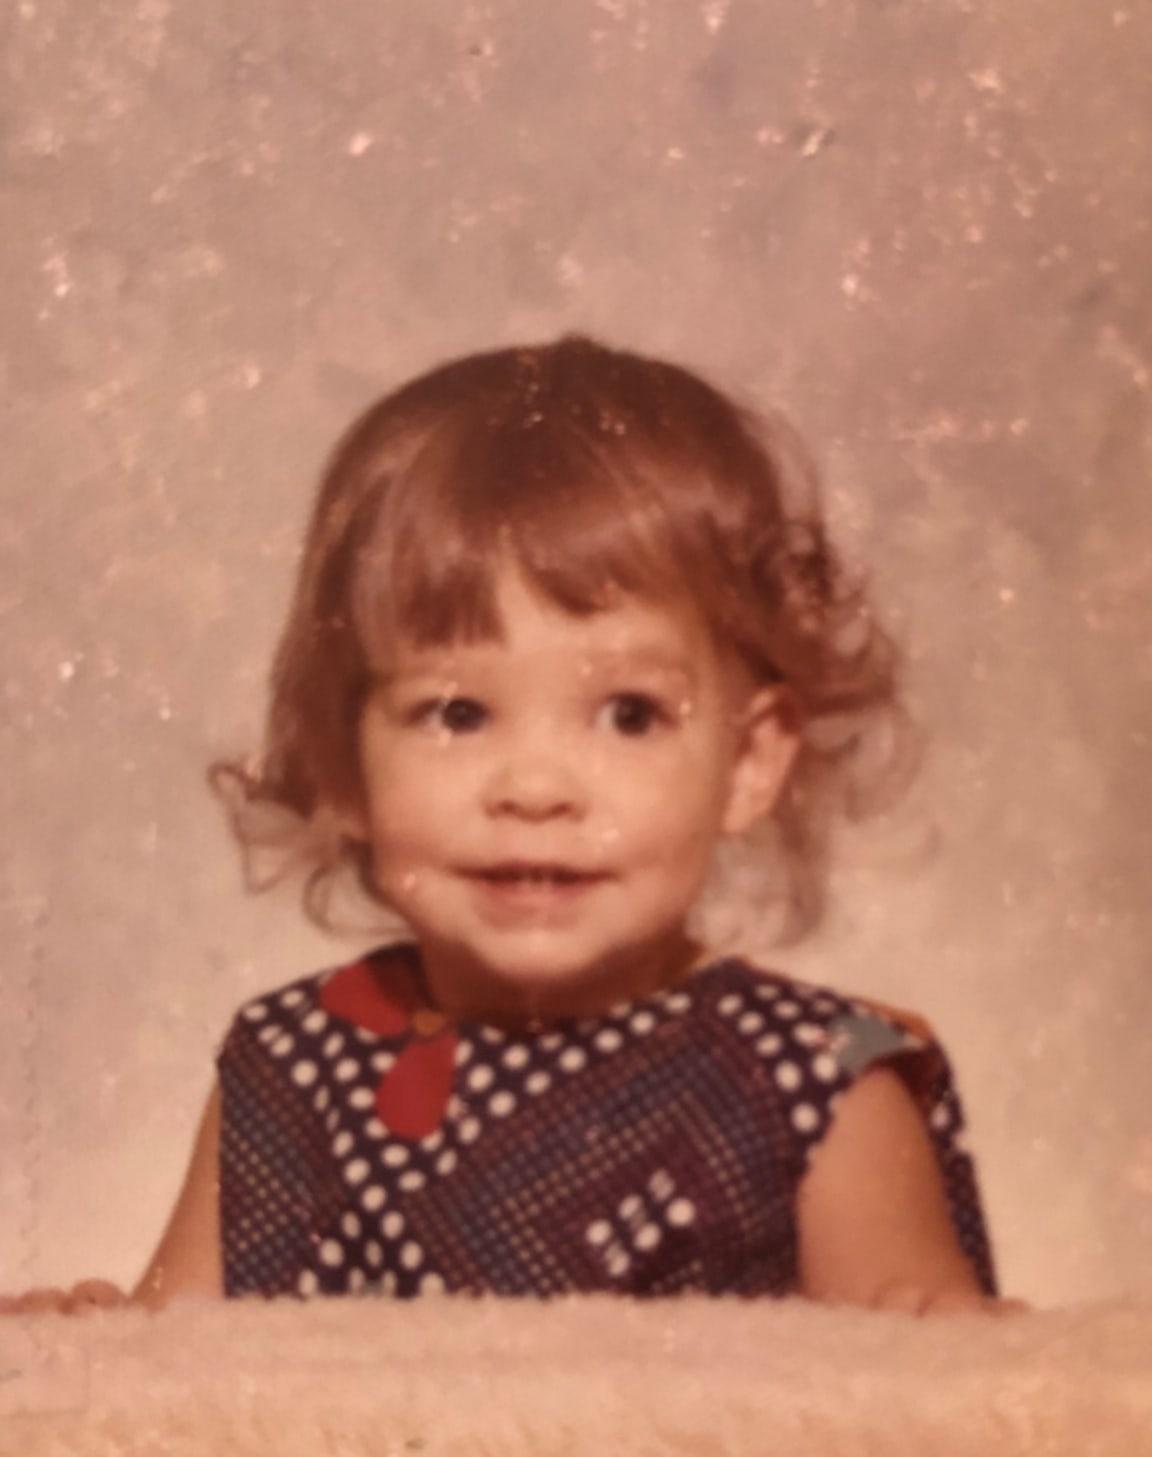 Aimee as a kid